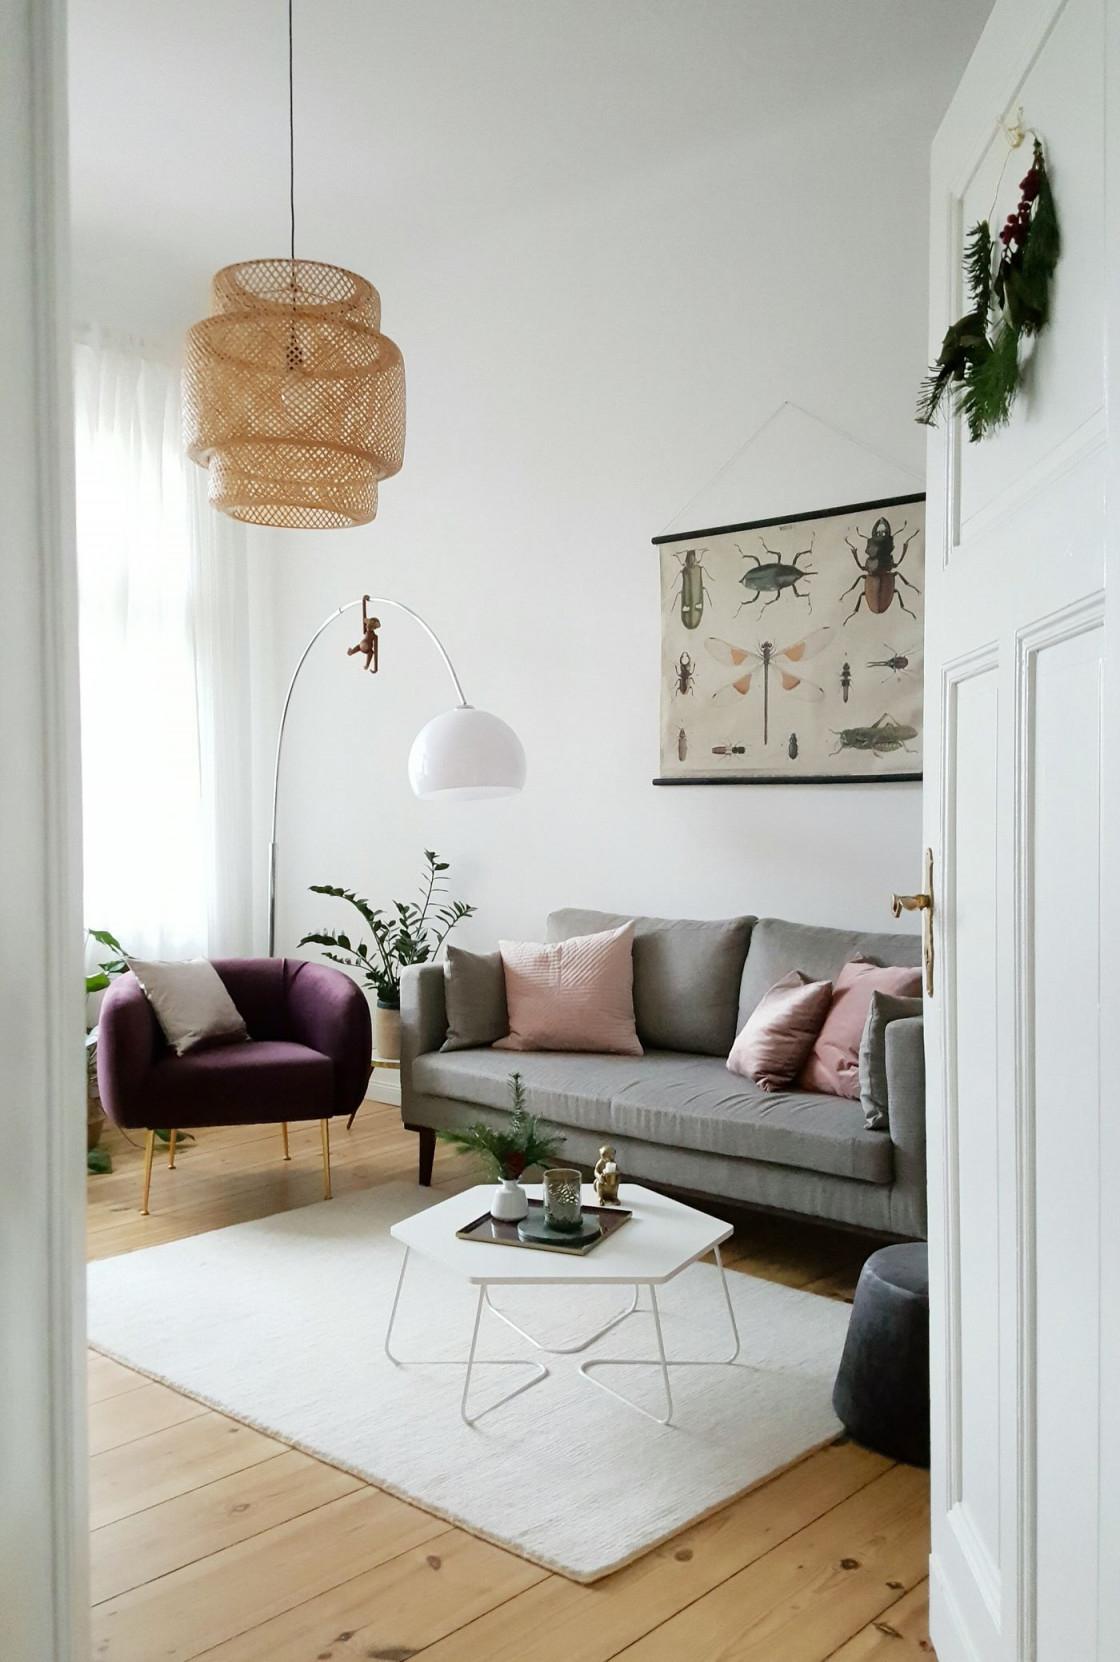 Skandinavisch Wohnzimmer Lampe – Caseconrad von Wohnzimmer Lampe Skandinavisch Bild